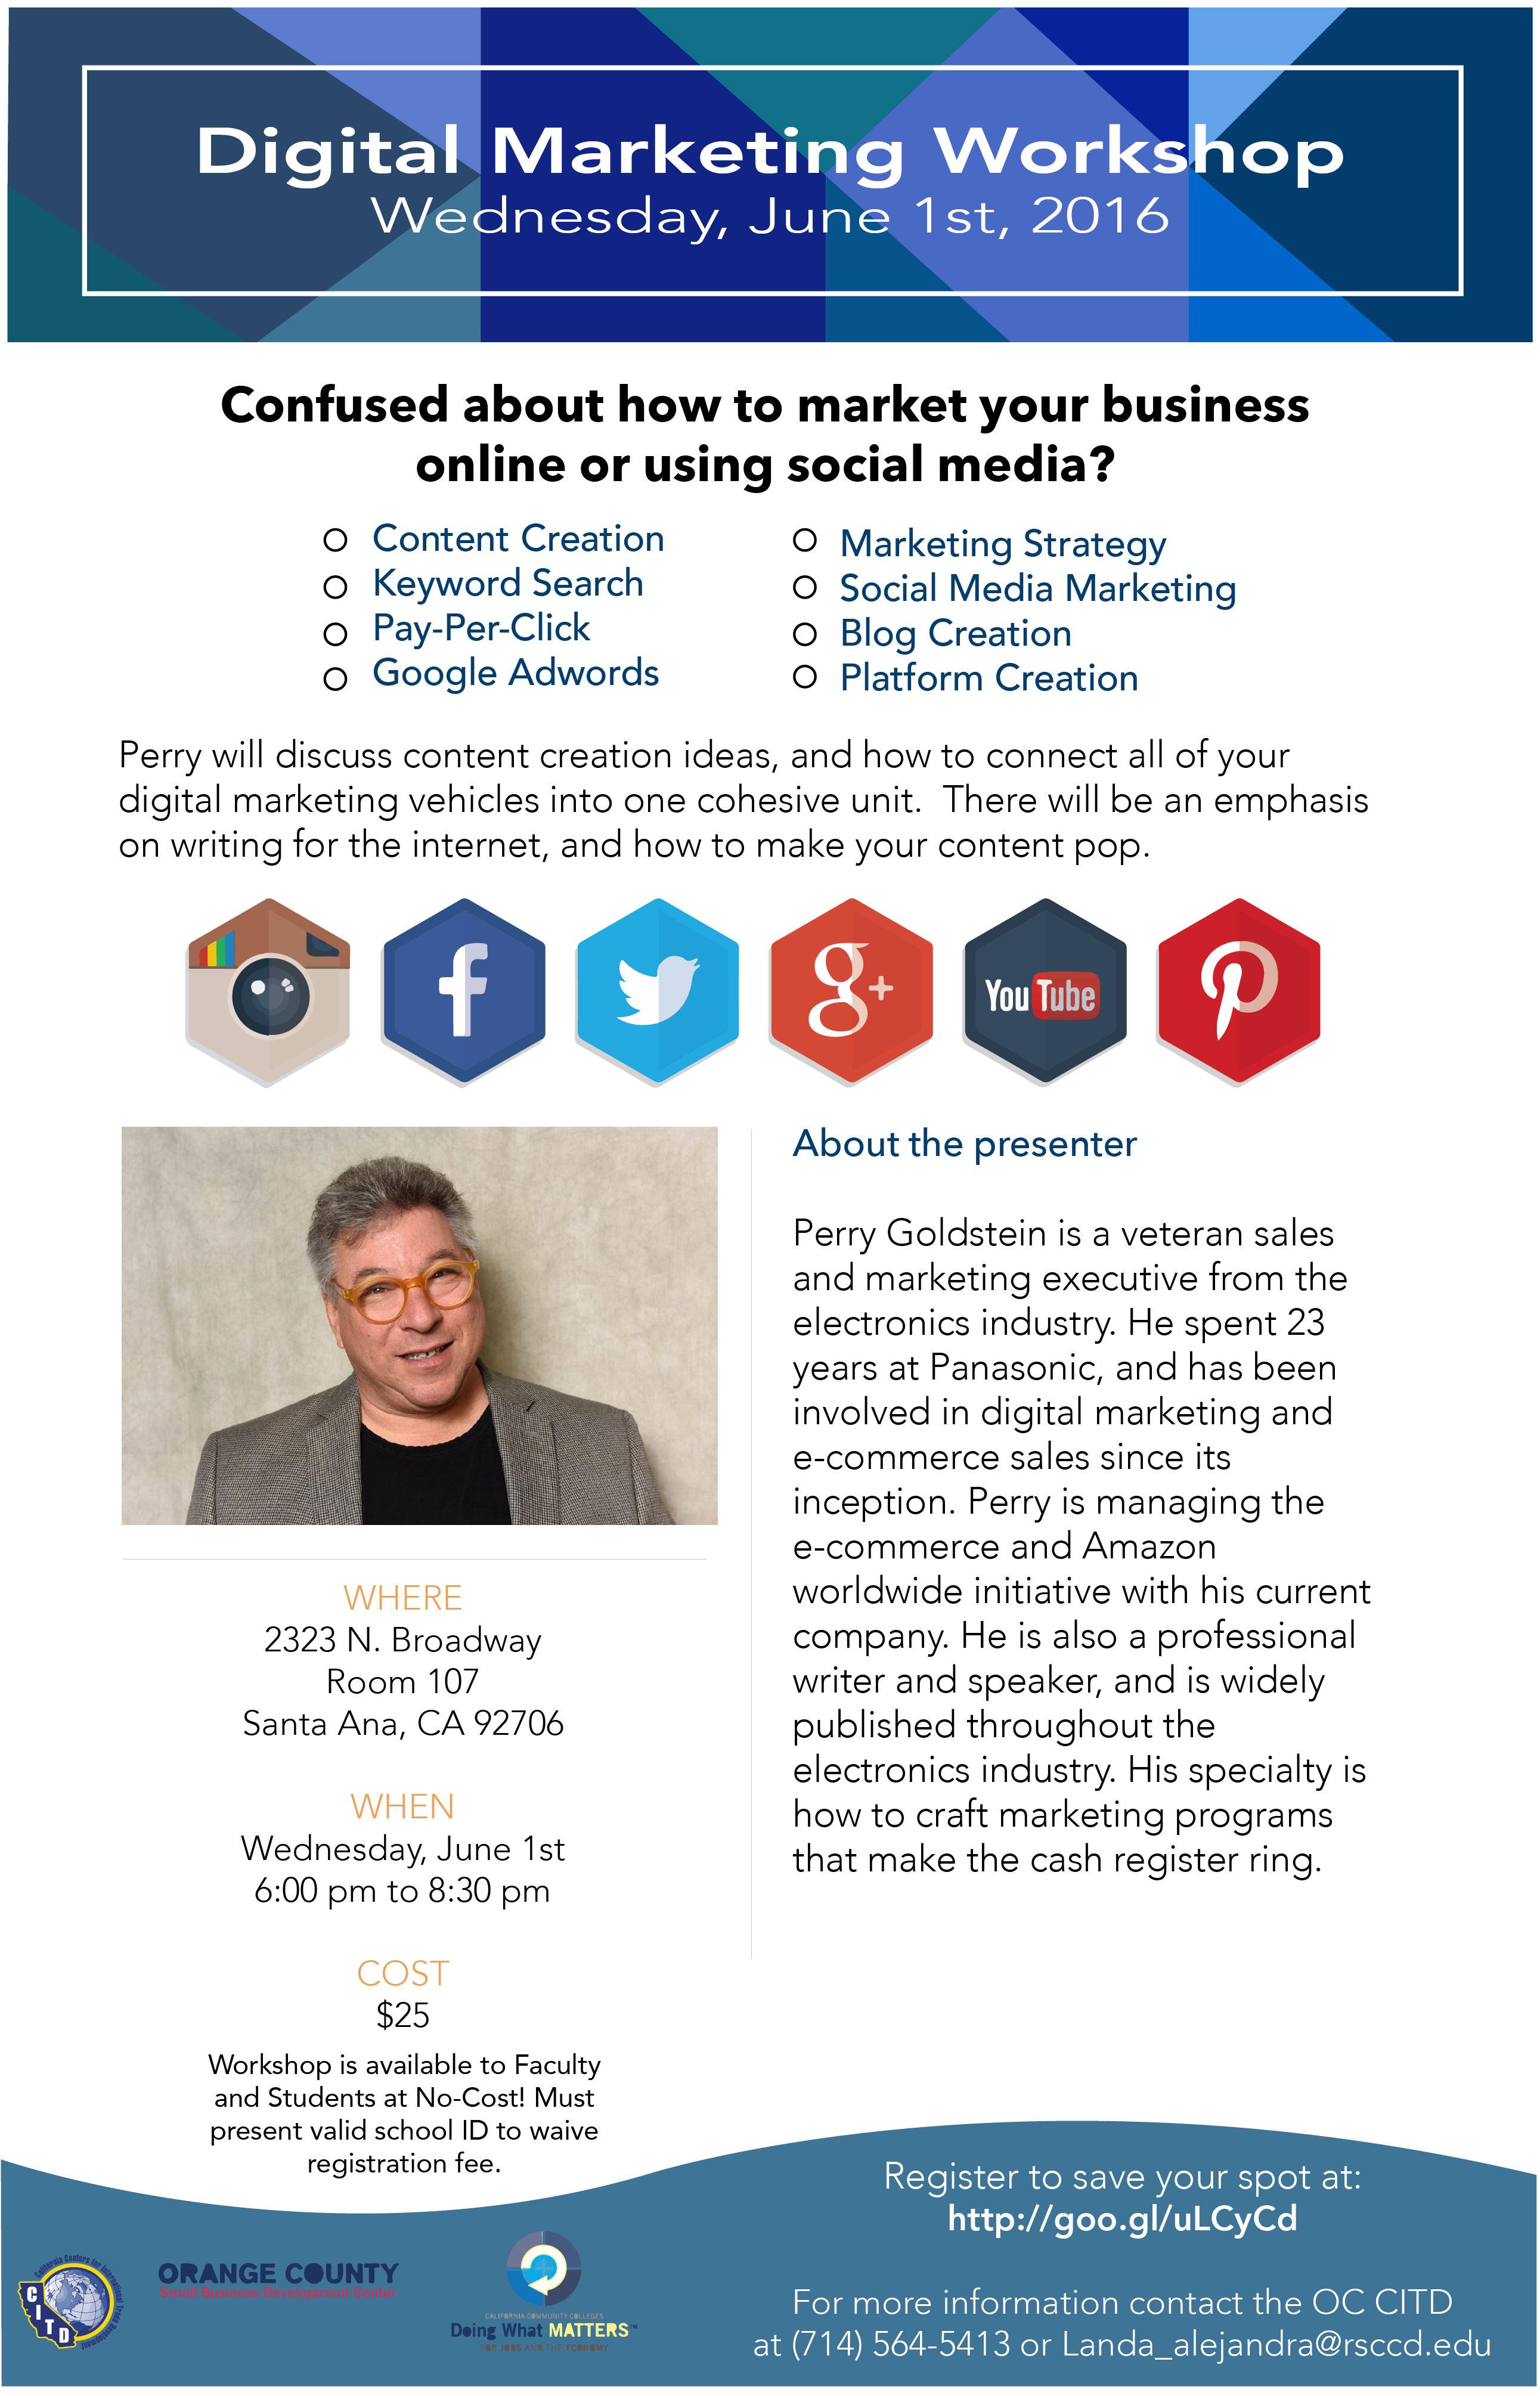 Digital marketing workshop flyer